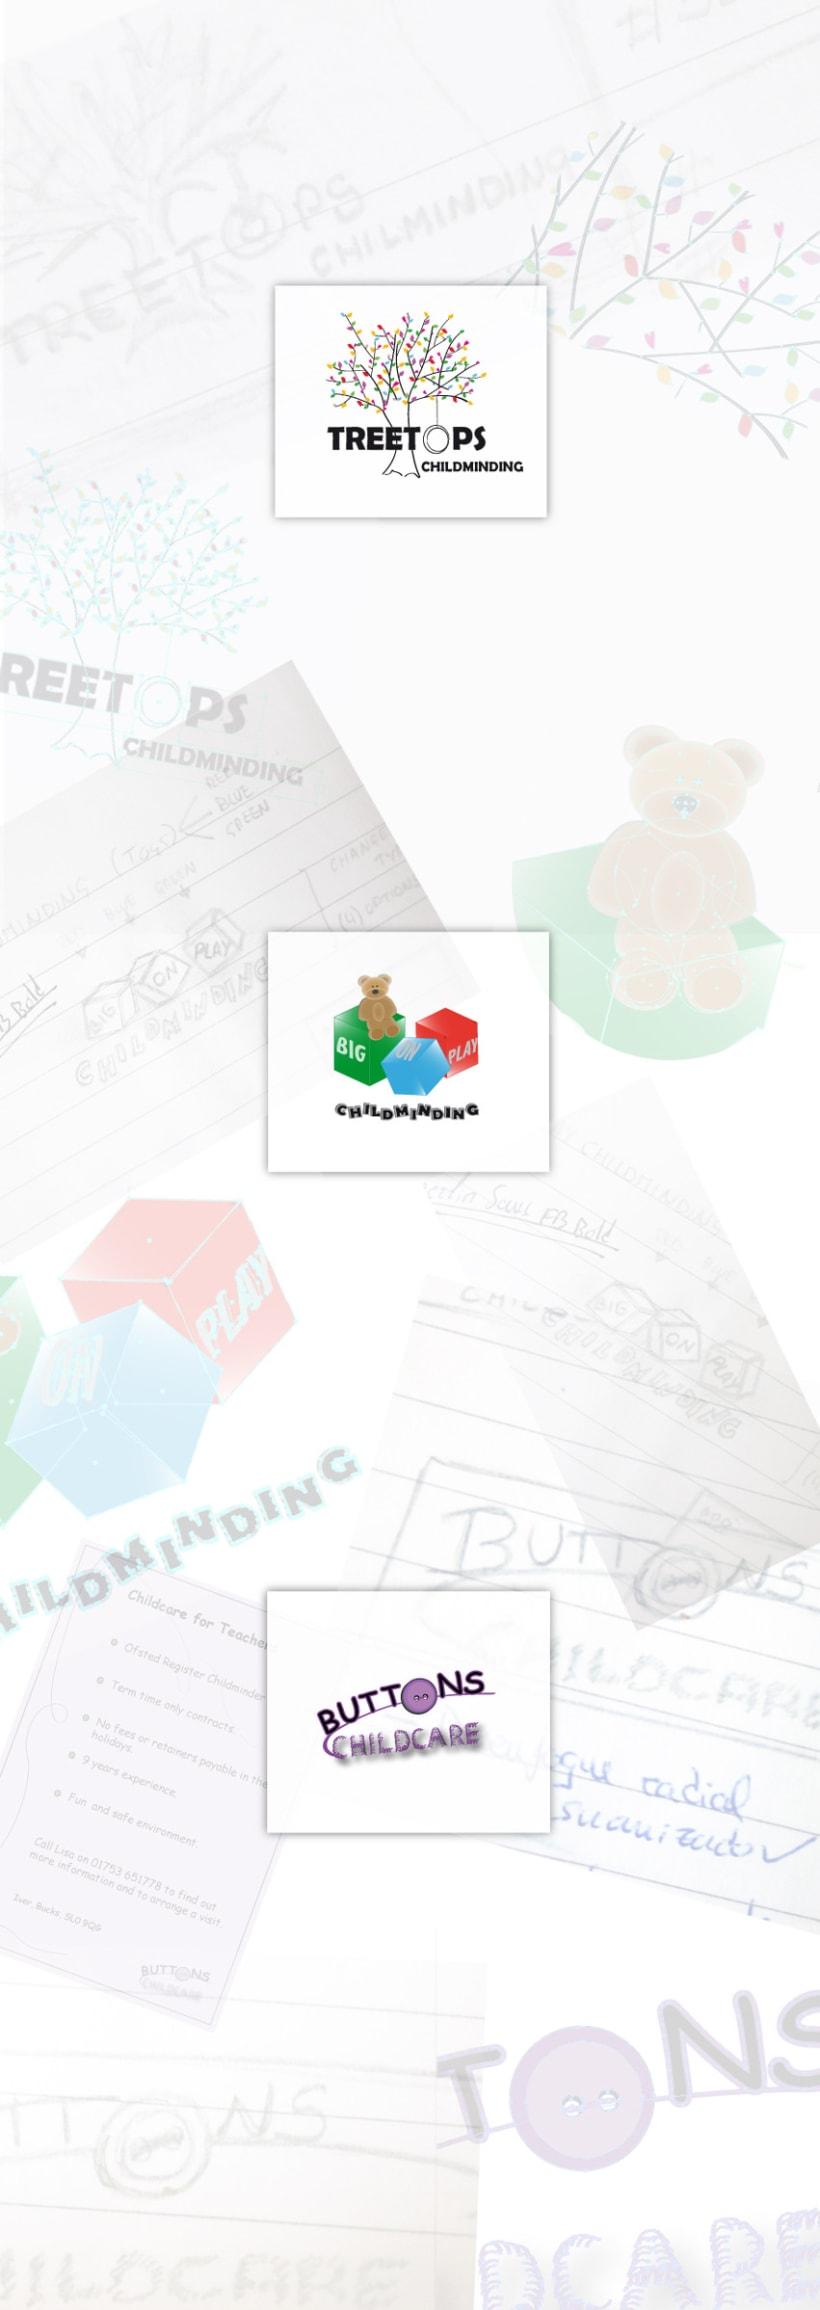 Childminding Logos 1